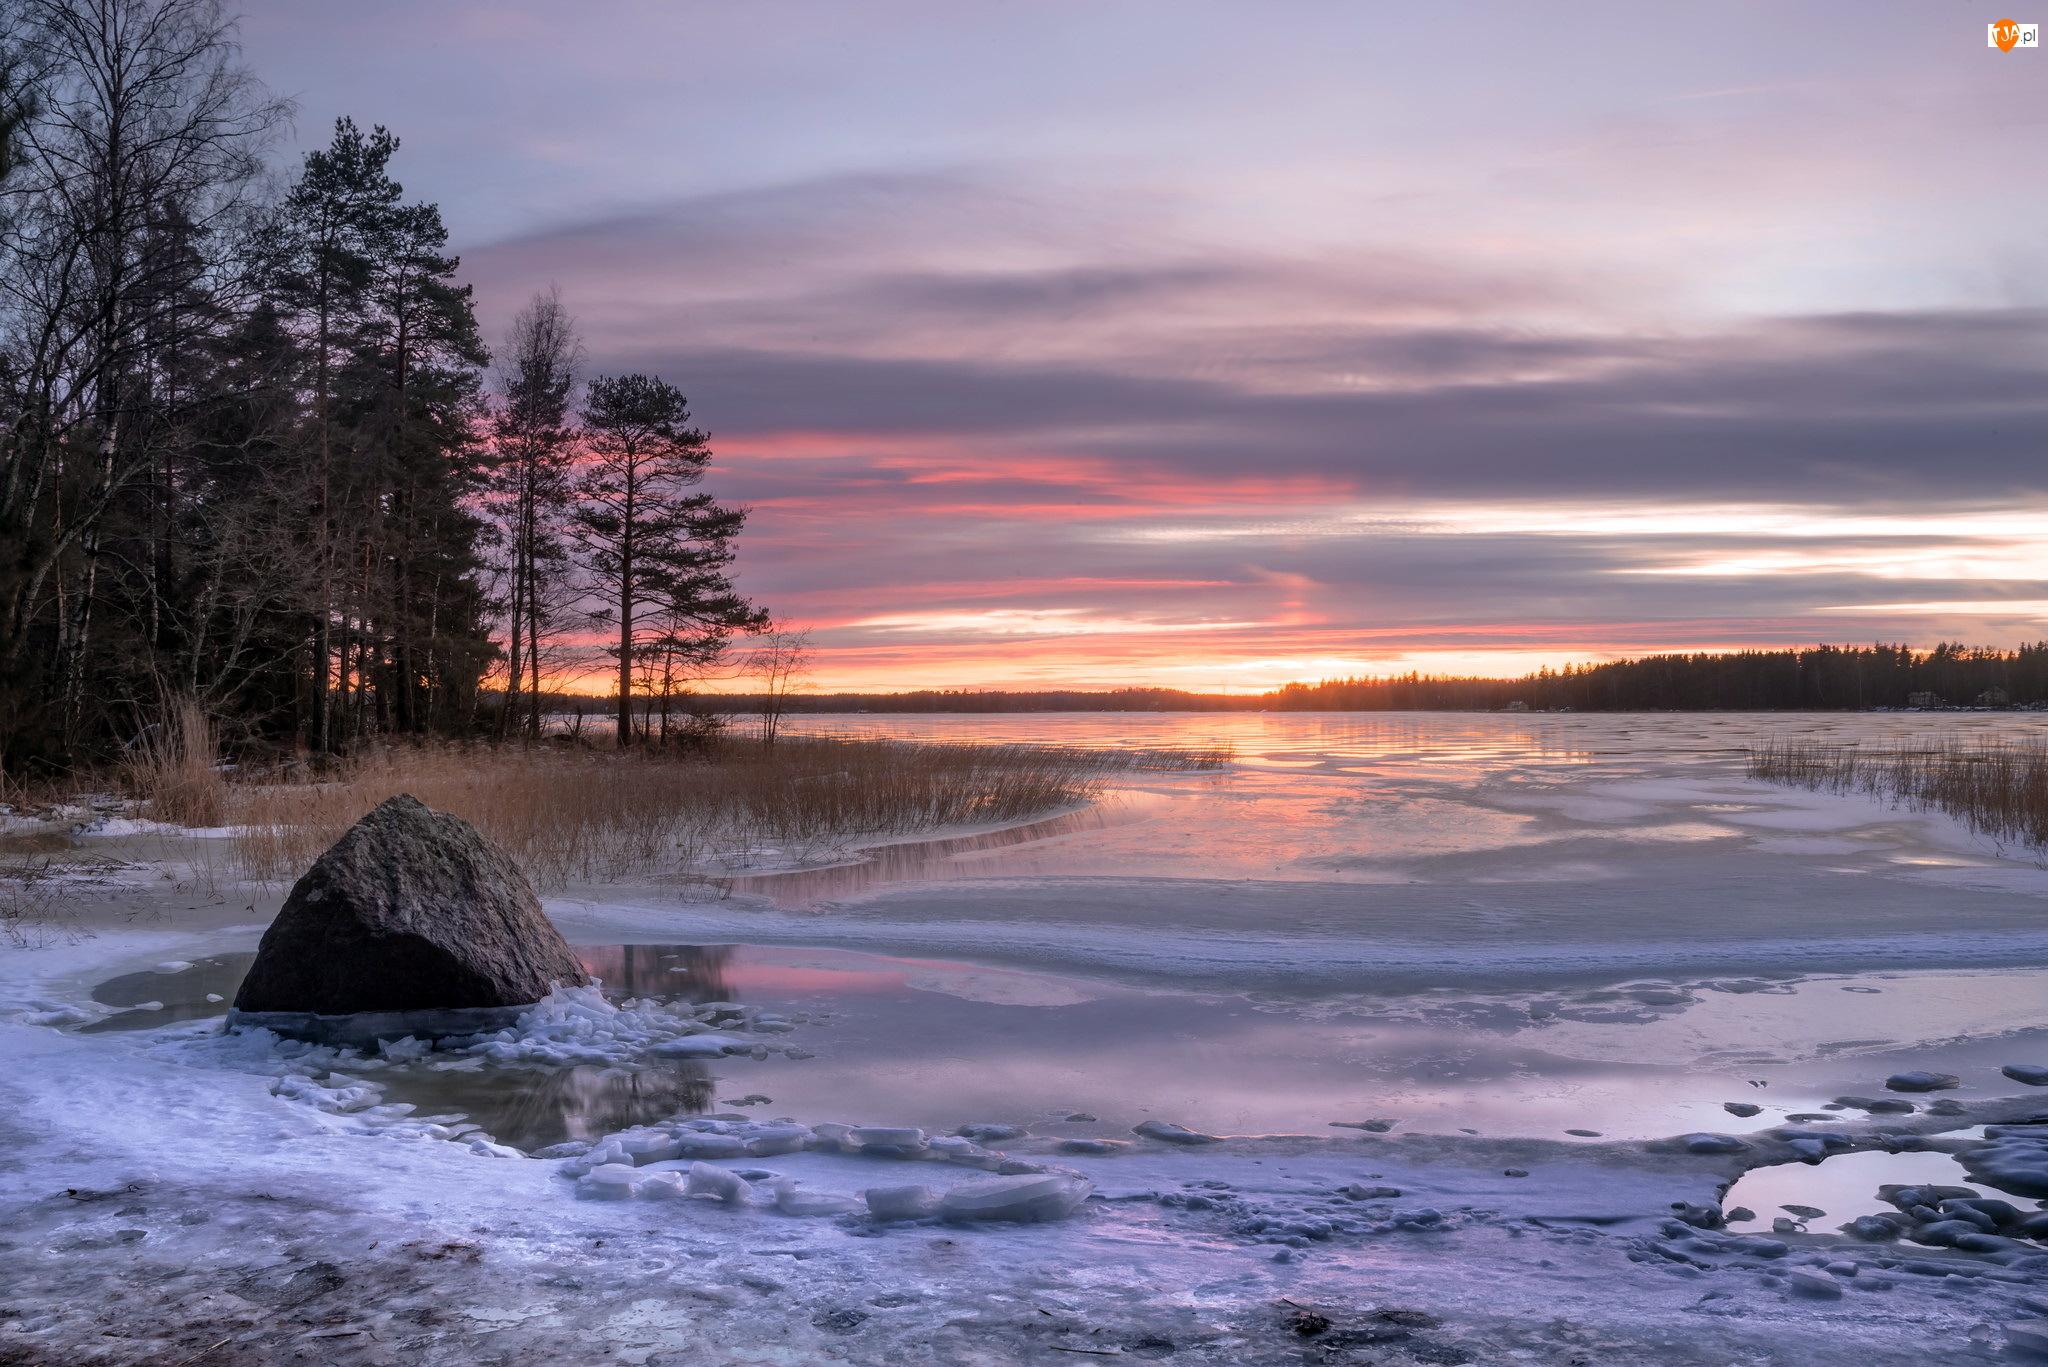 Drzewa, Zachód słońca, Miasto Kotka, Finlandia, Kamień, Zatoka Fińska, Zima